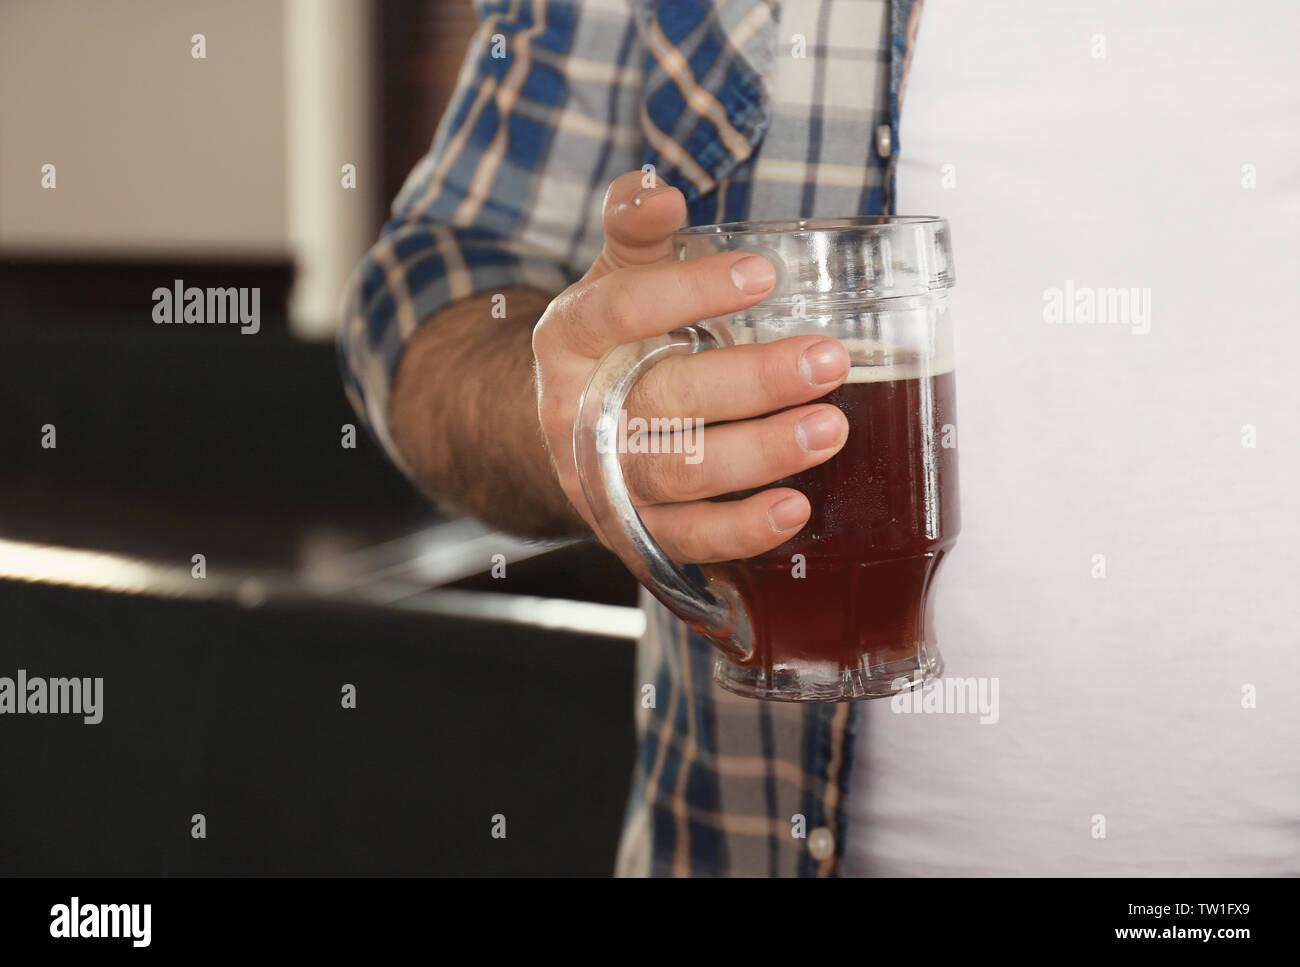 Mann hält ein Glas Bier in der Nähe seiner großen Bauch im Pub Stockbild